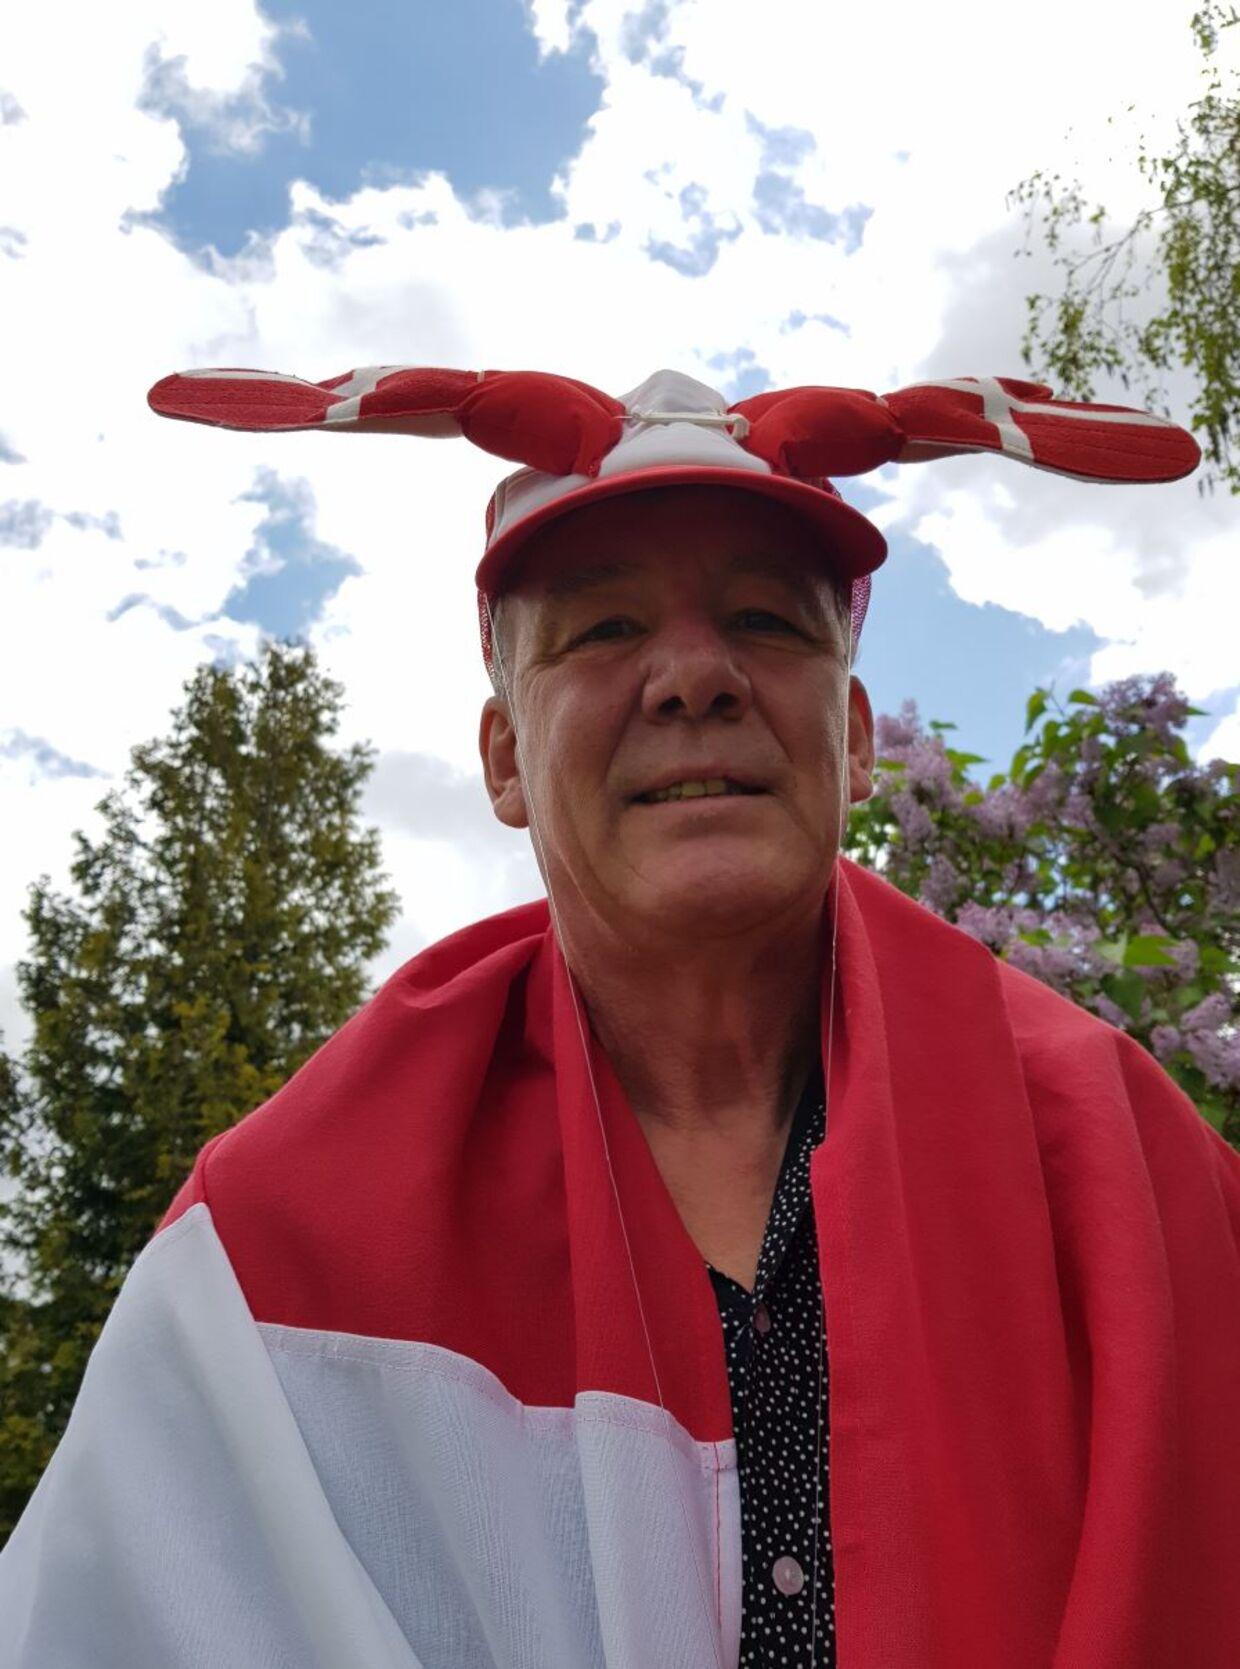 René Sørensen med sin klaphat anno 2021.